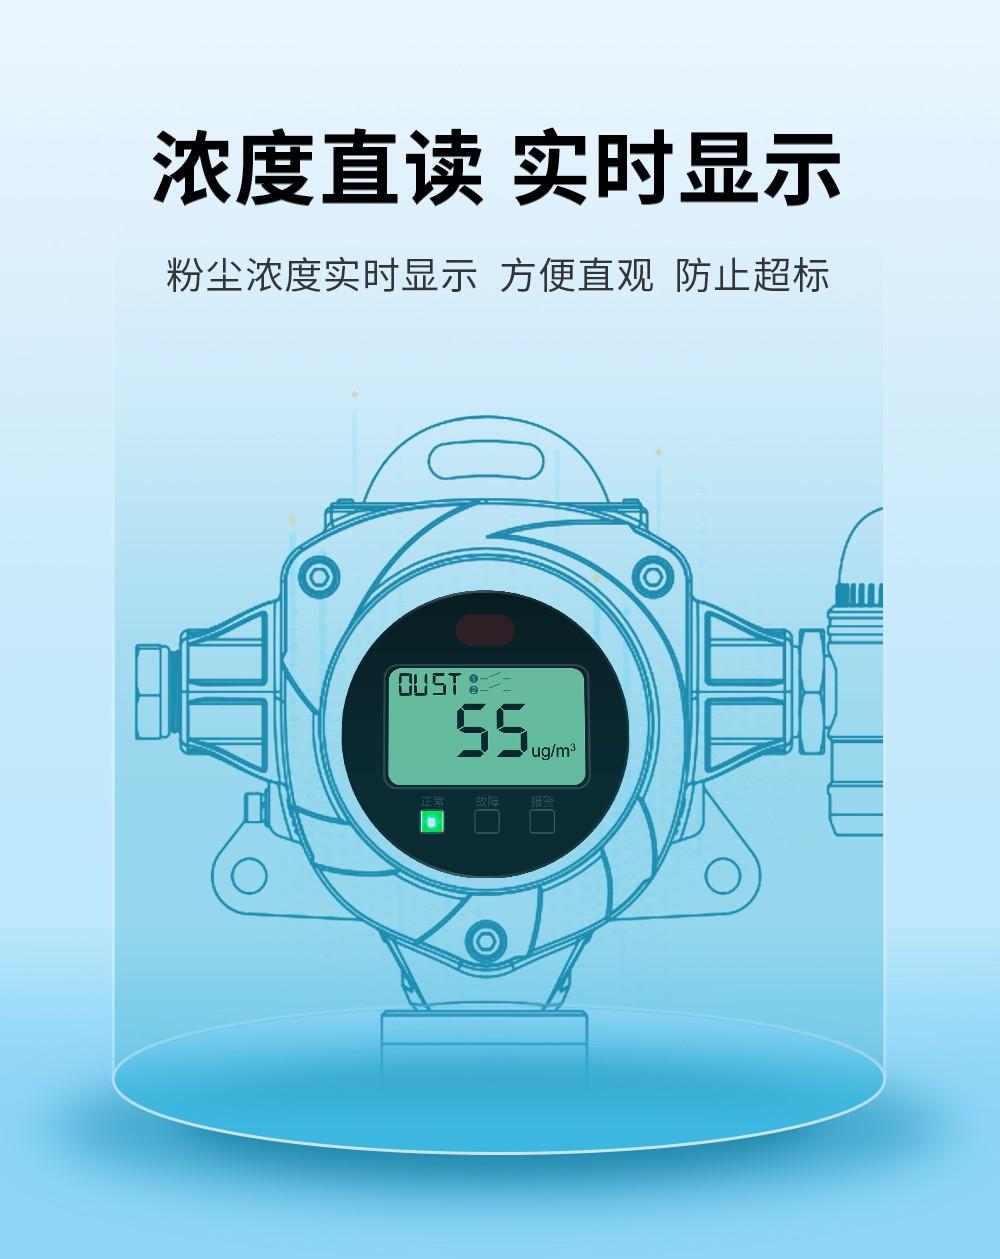 工业粉尘浓度检测仪_02.jpg